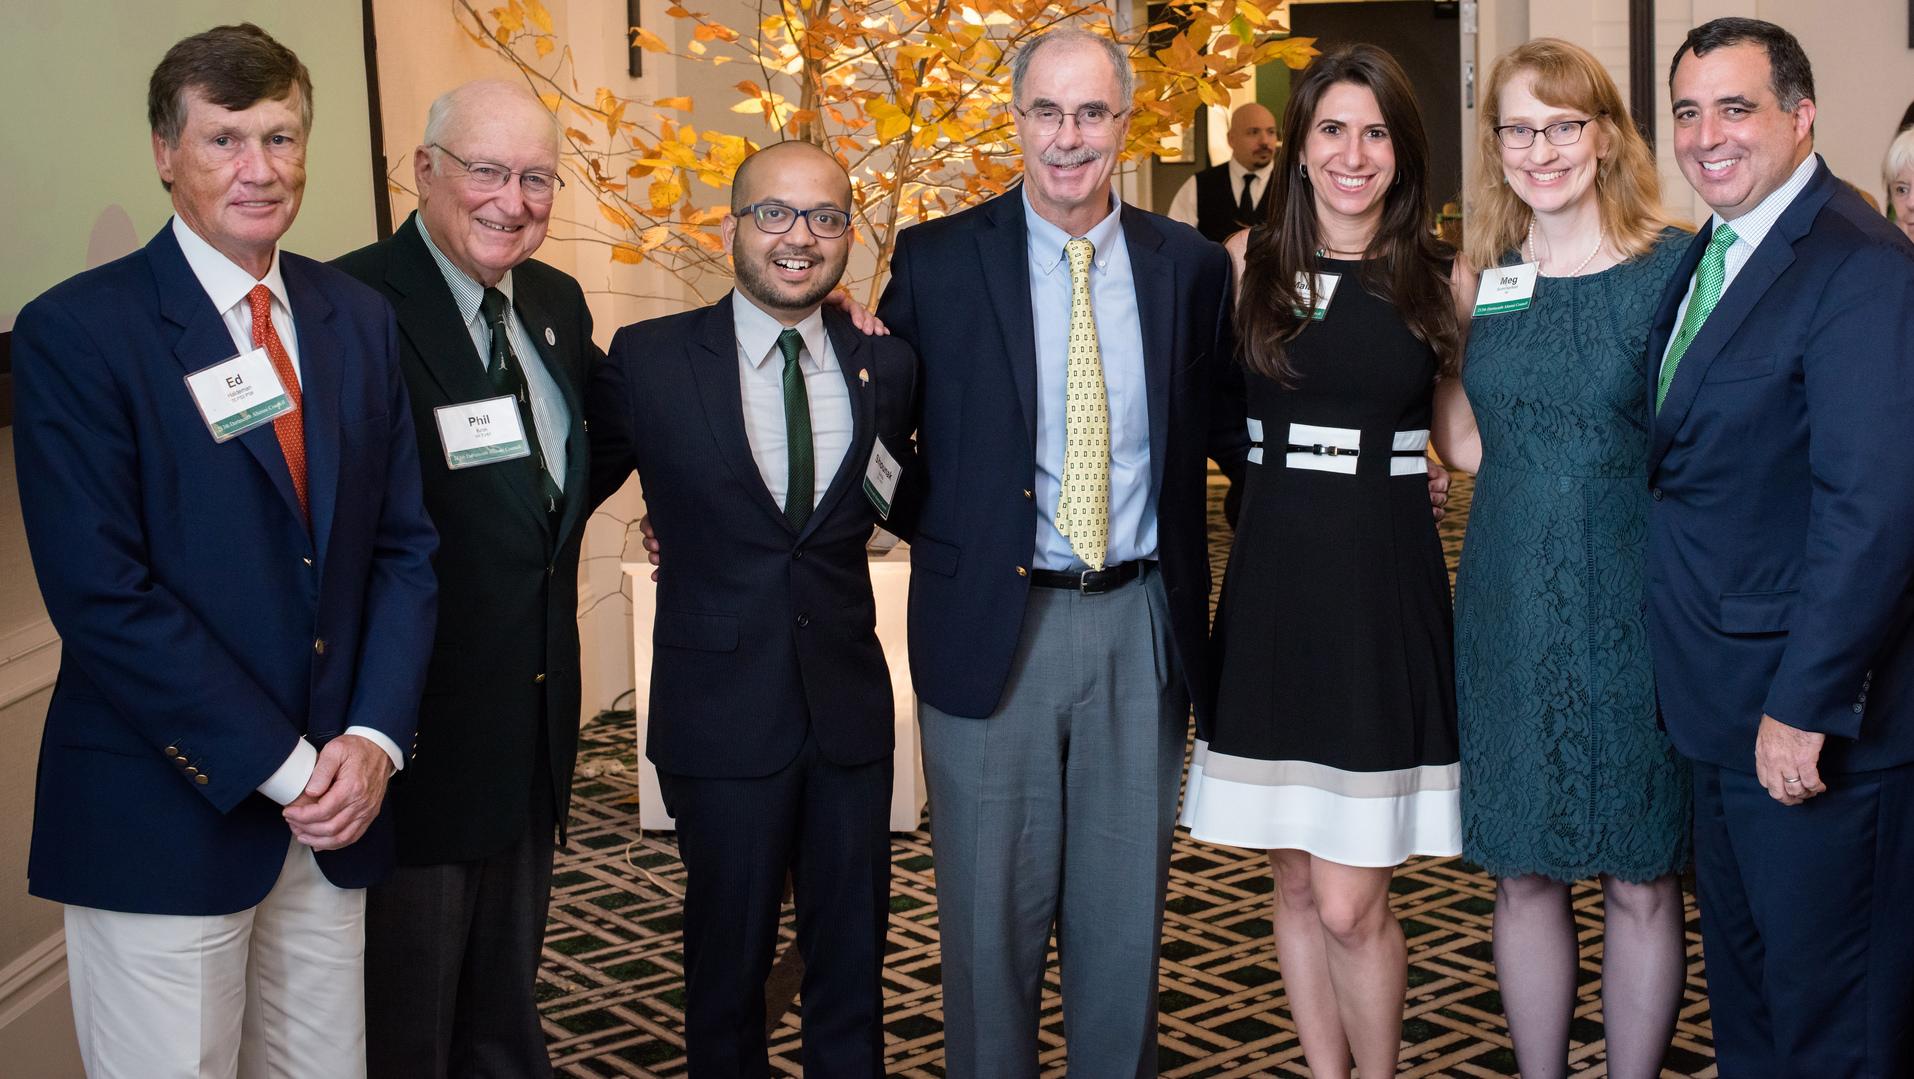 Dartmouth Alumni Award winners.